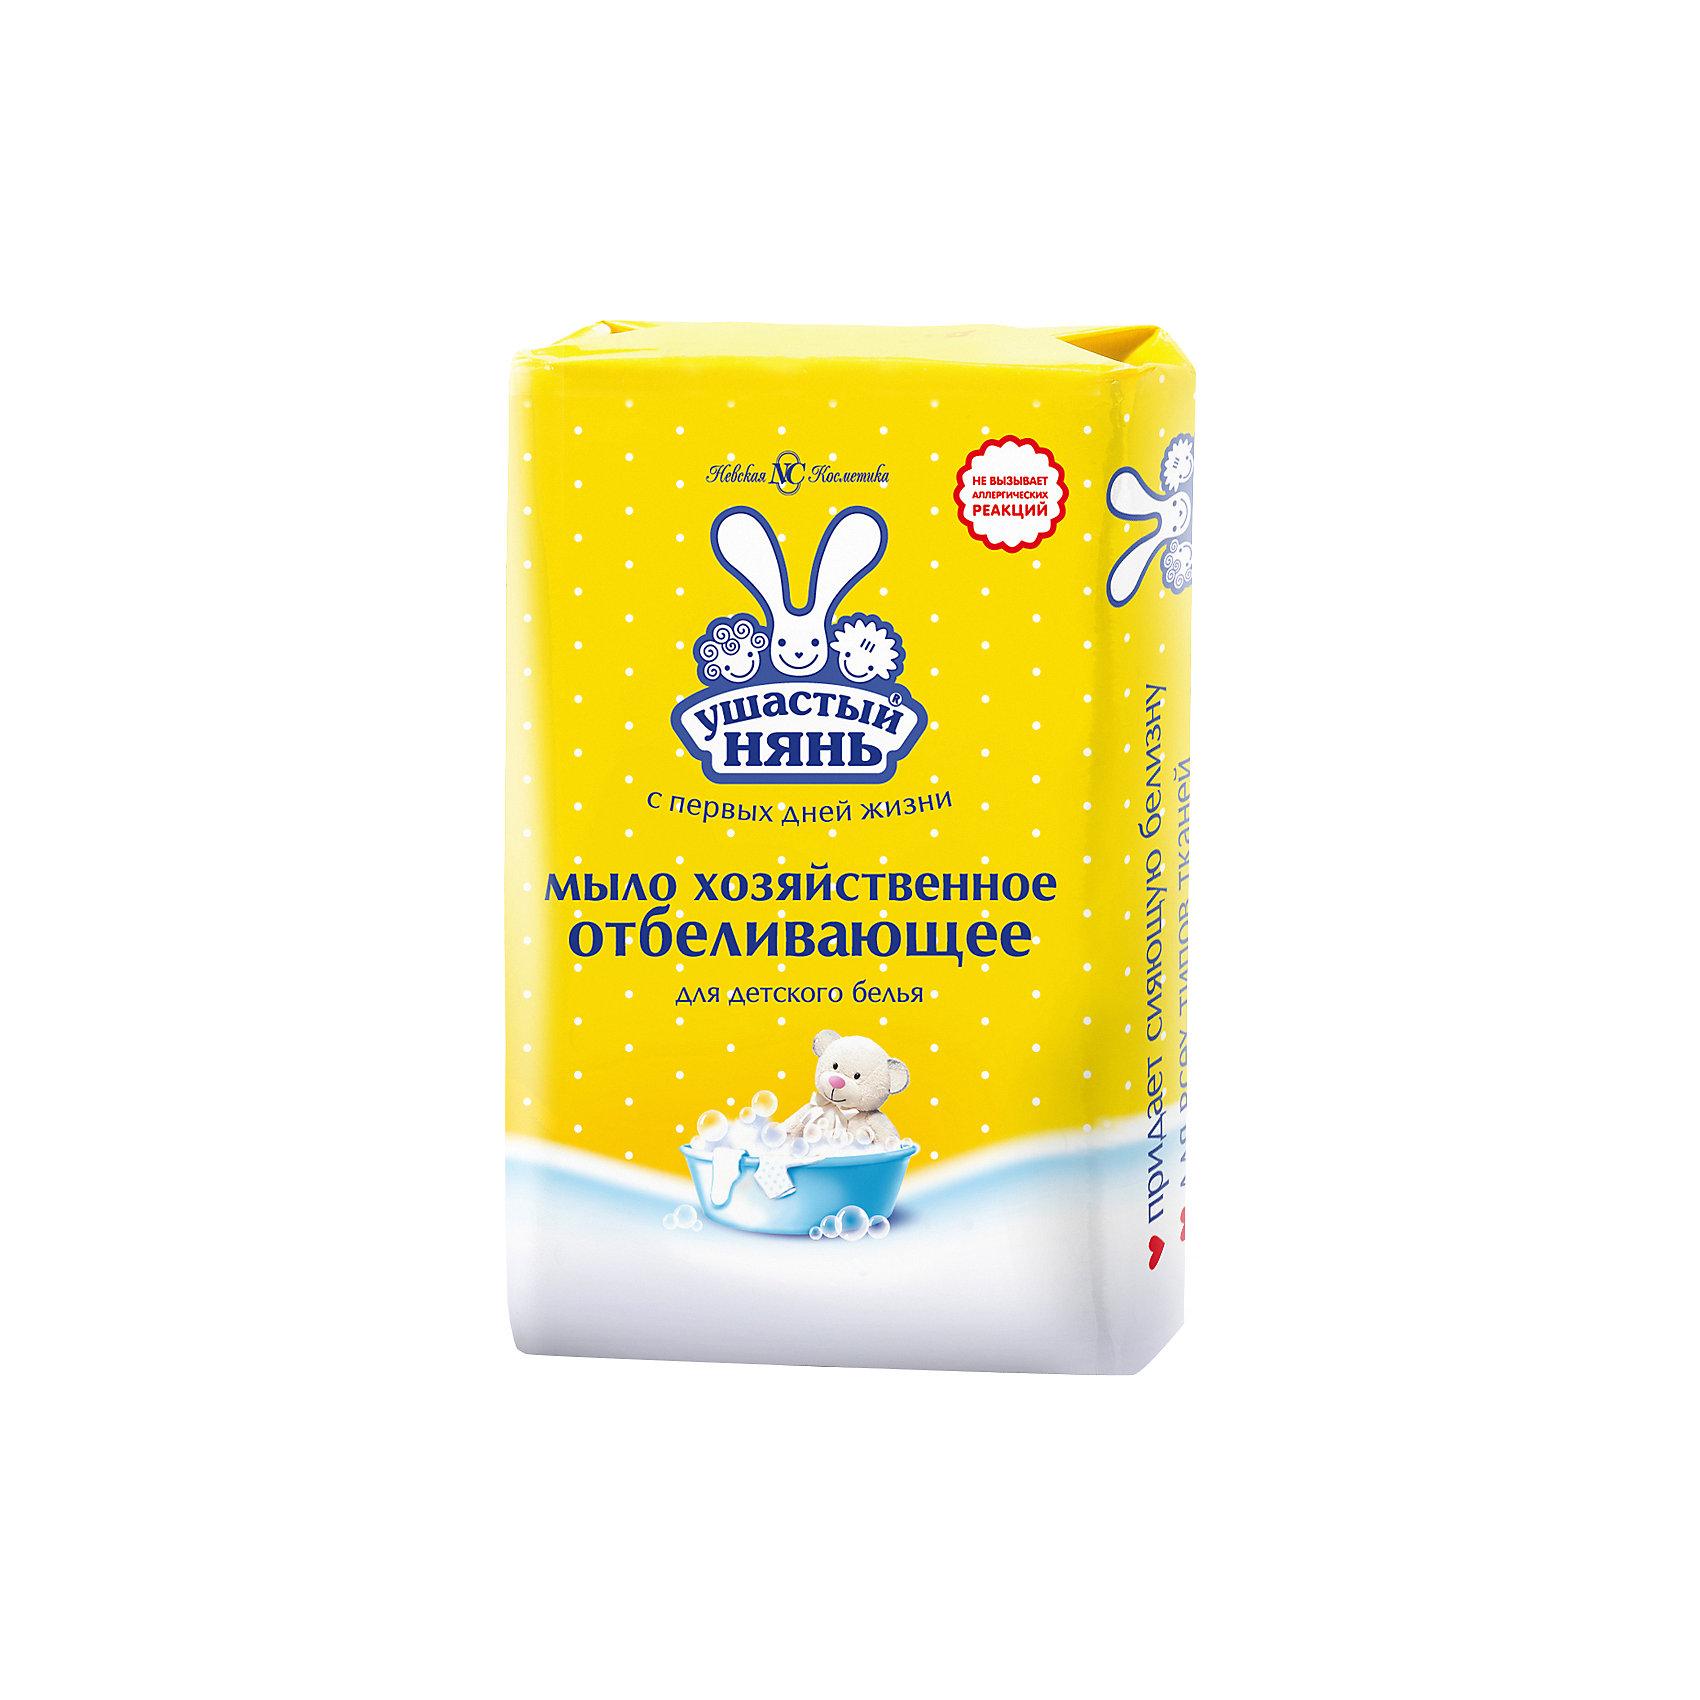 Мыло хозяйственное с отбеливающим эффектом, Ушастый нянь, 180 г